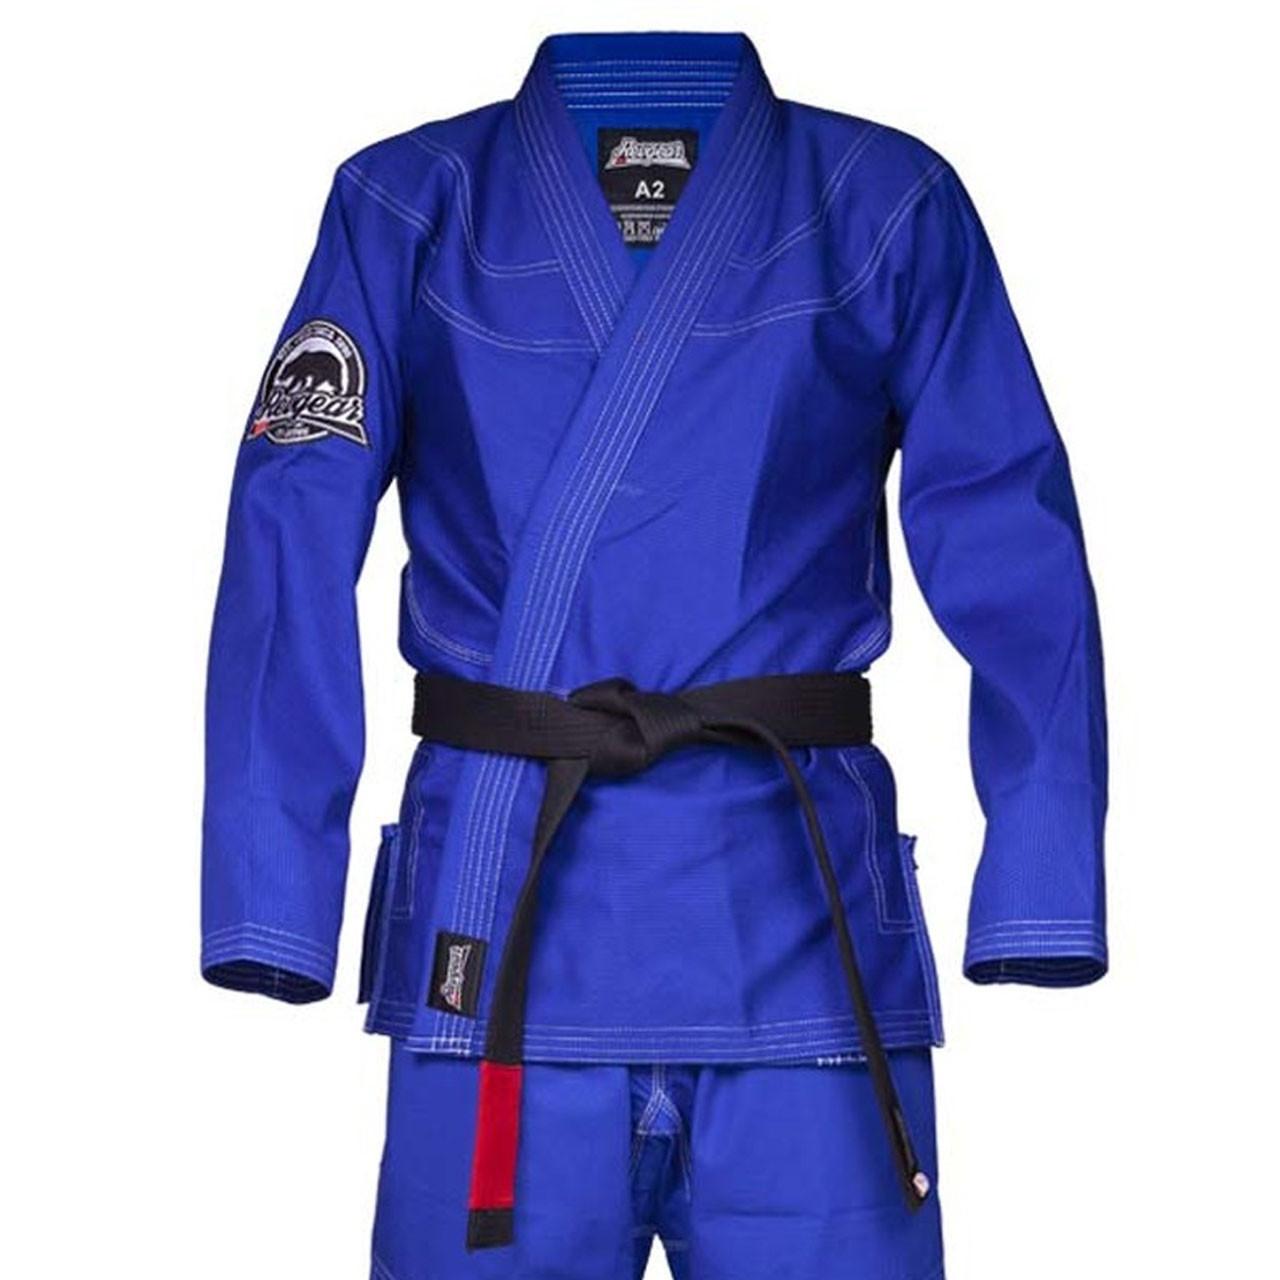 BJJ Jiu Jitsu Gi Uniform Brazilian Martial Arts Adults round corners Blue